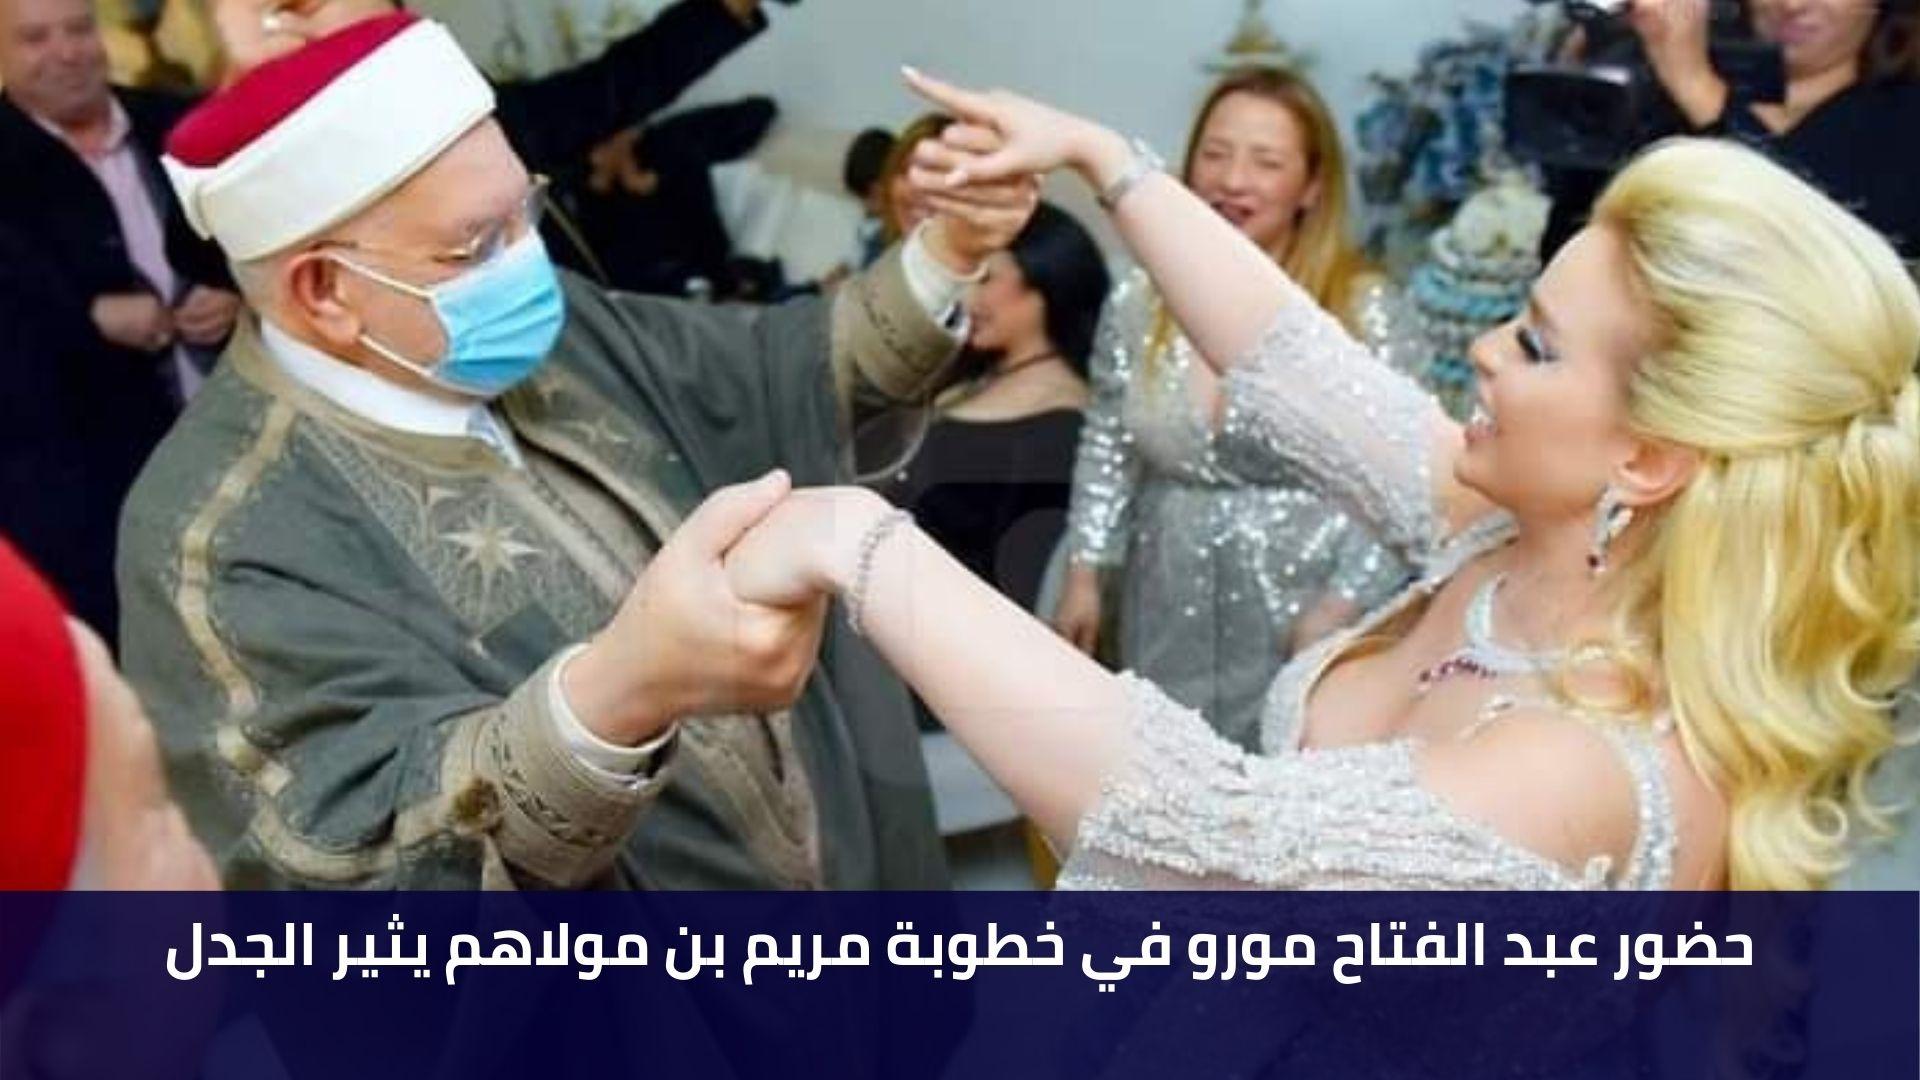 حضور عبد الفتاح مورو في خطوبة مريم بن مولاهم يثير الجدل